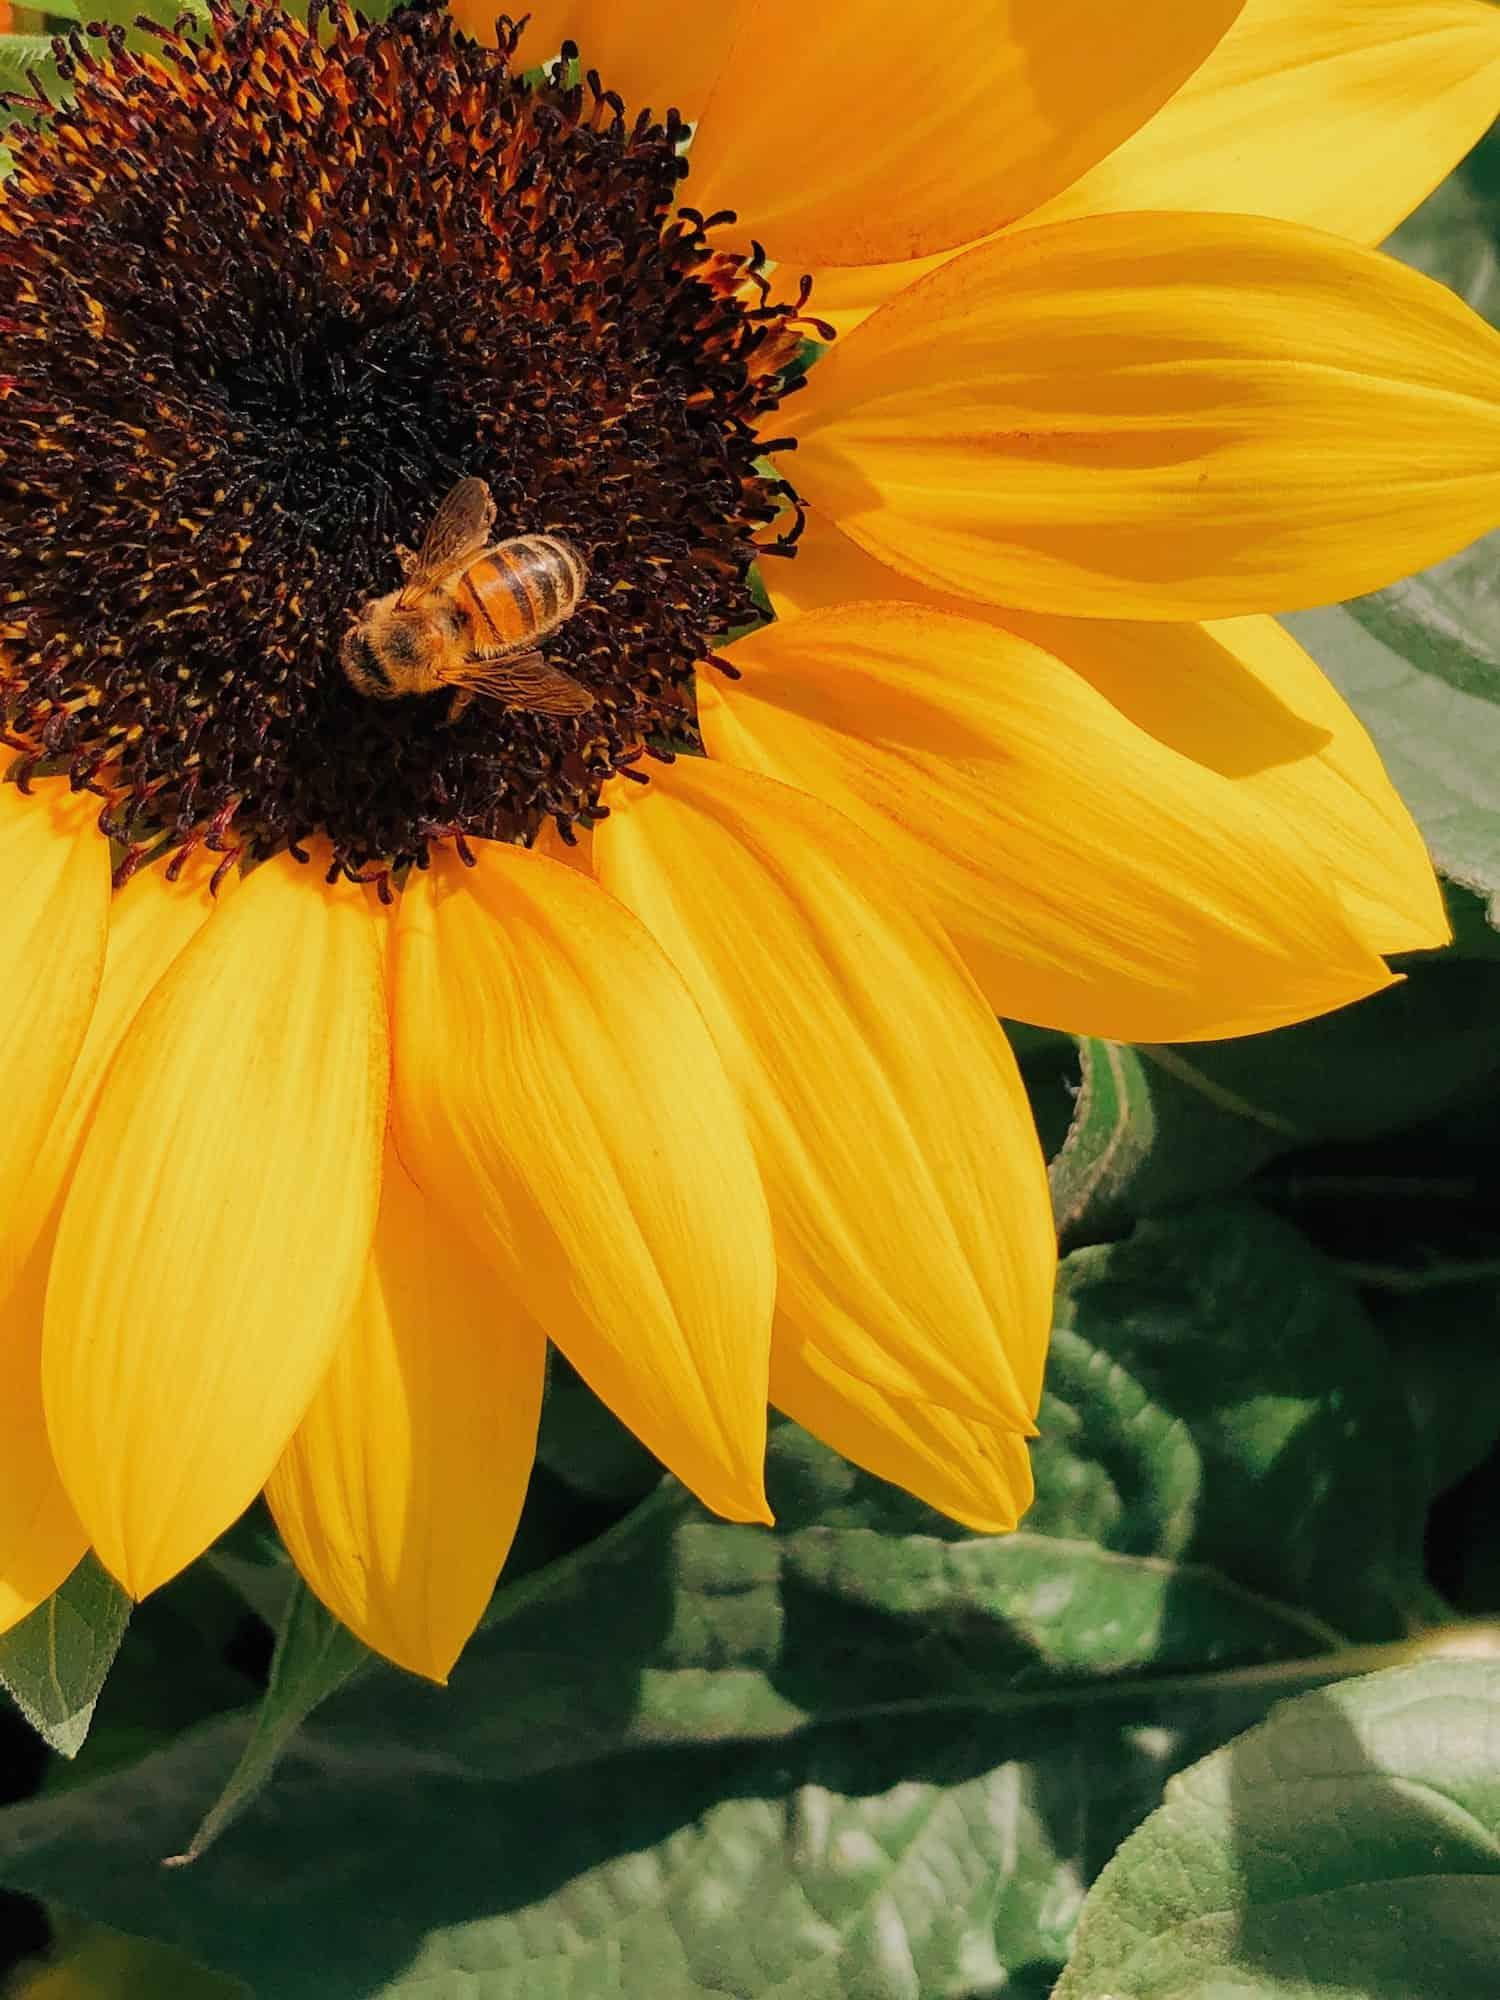 A bee inside a California Sunflower